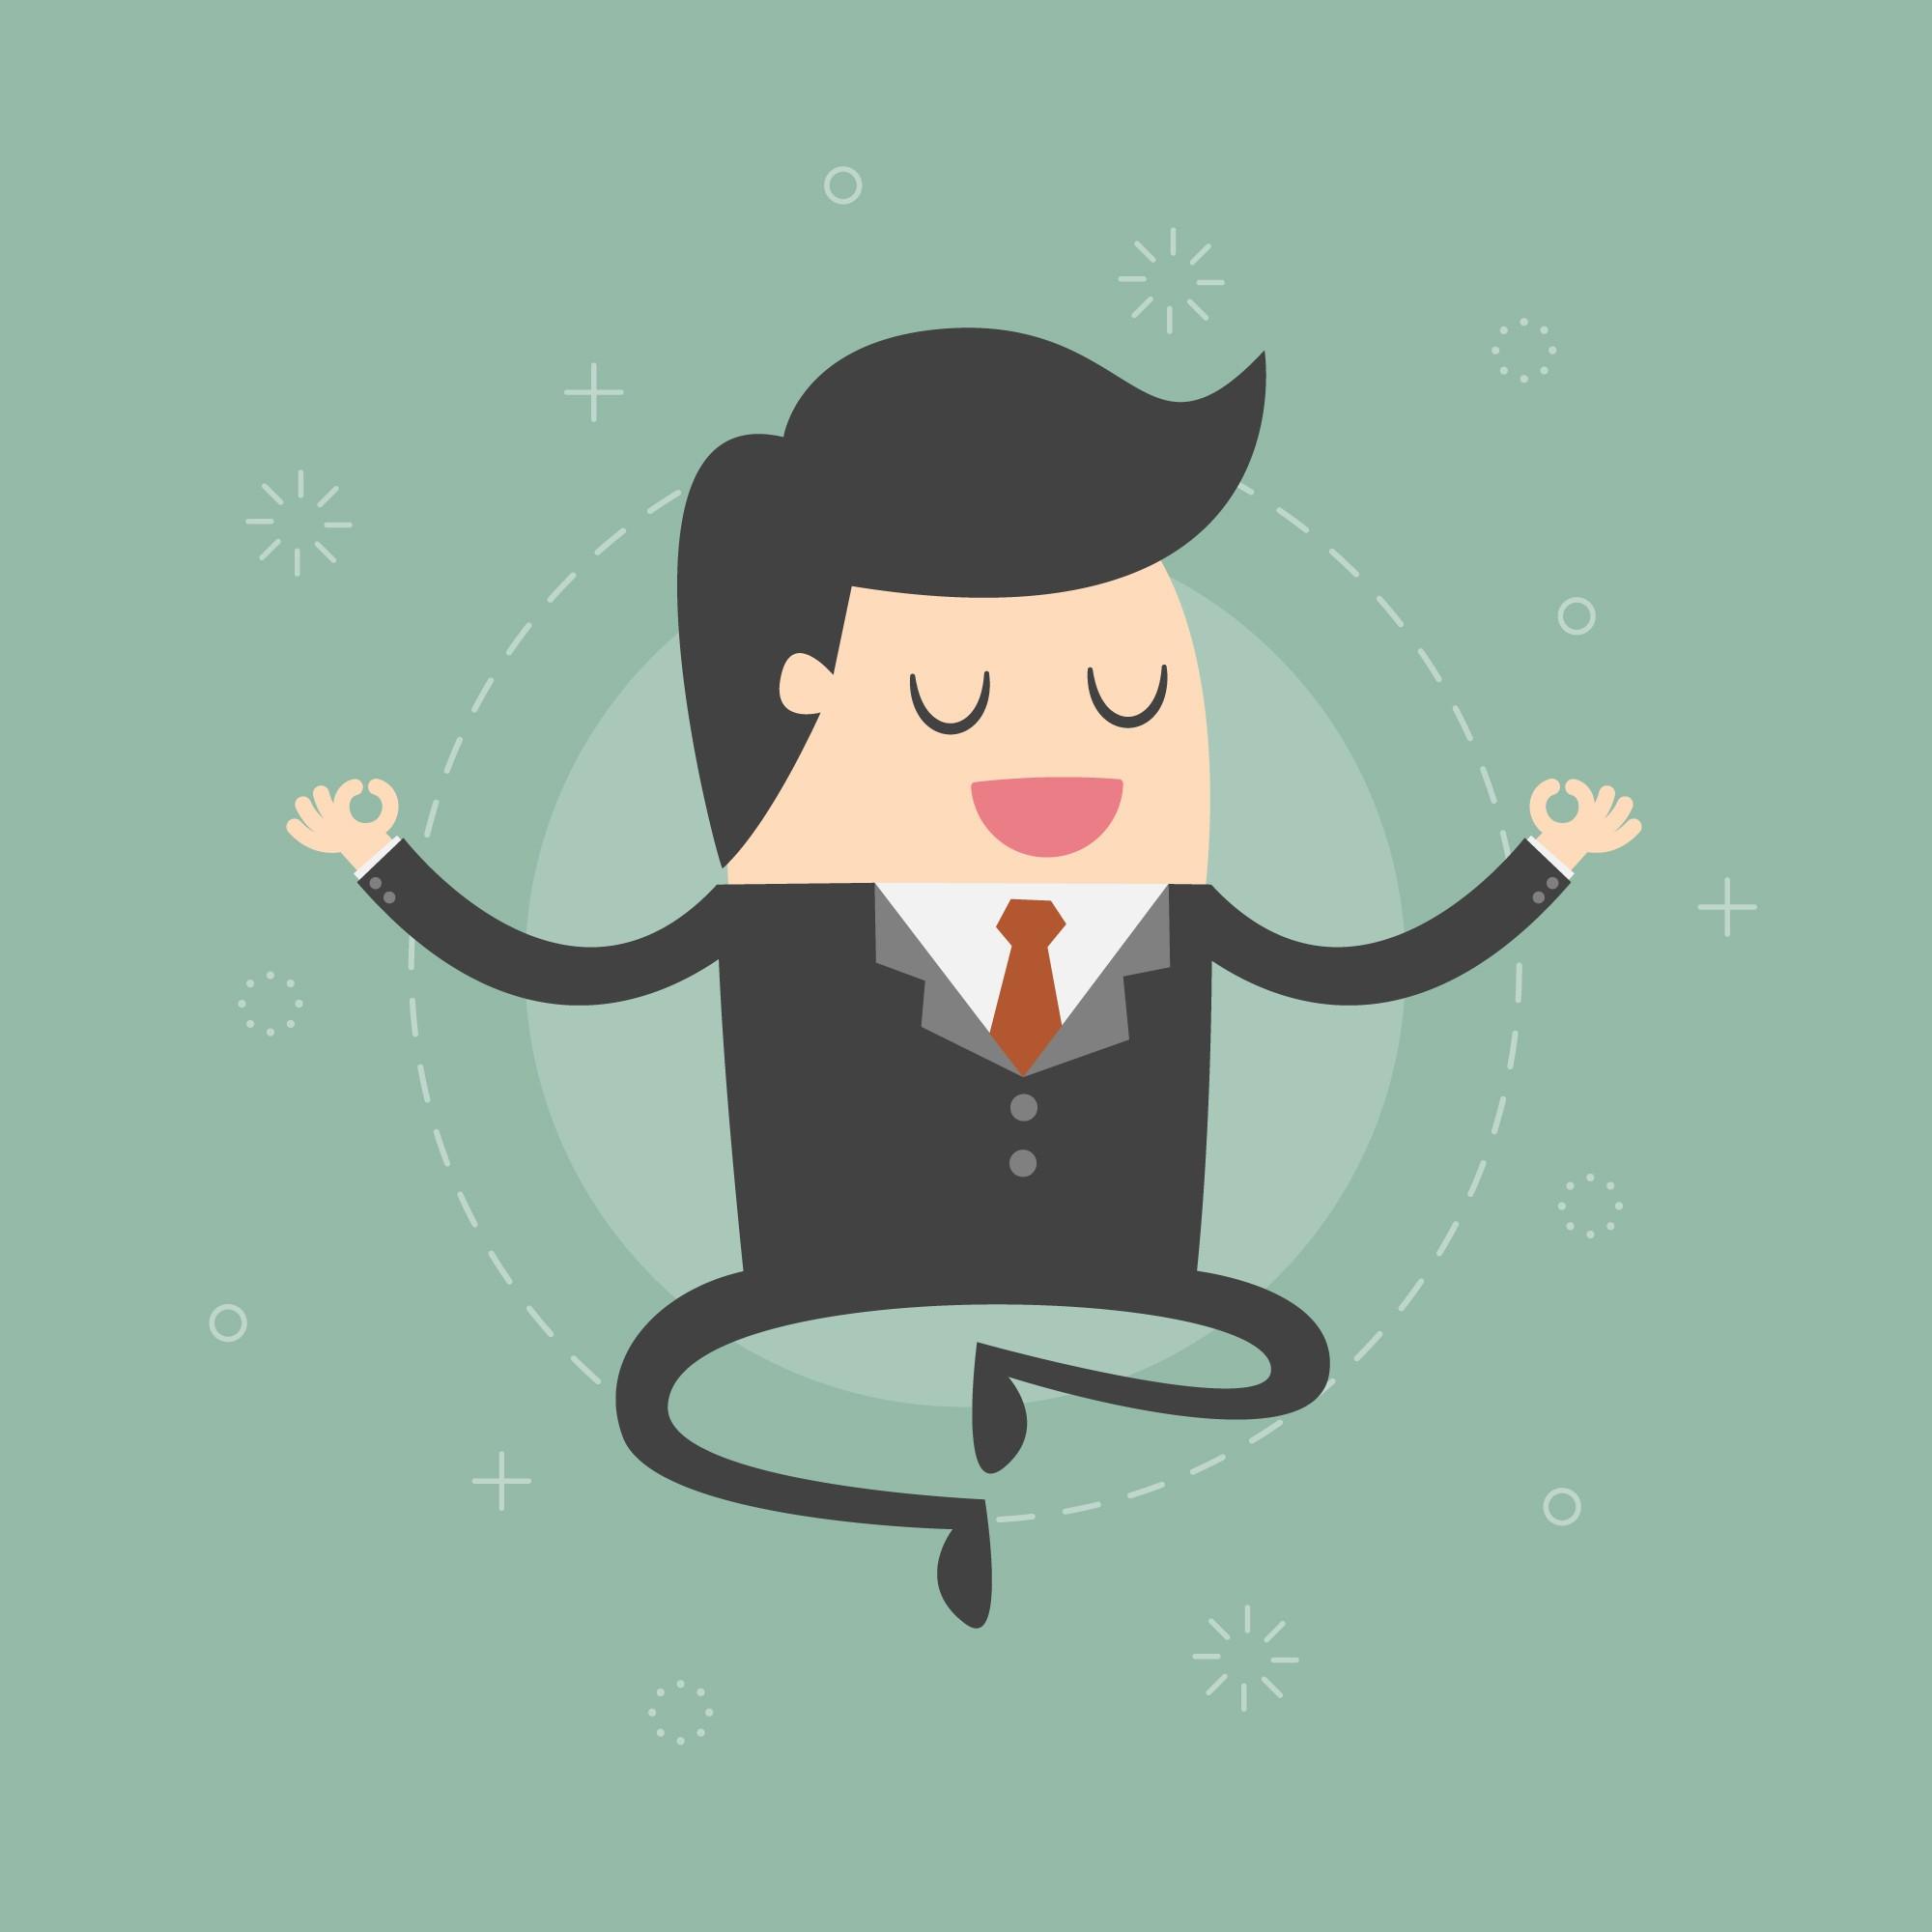 Насколько помогает йога при ВСД и повышенном давлением, отзывы, упражнения, помогает ли при неврозе, методики терапии, Асаны, Мудра, Нидра